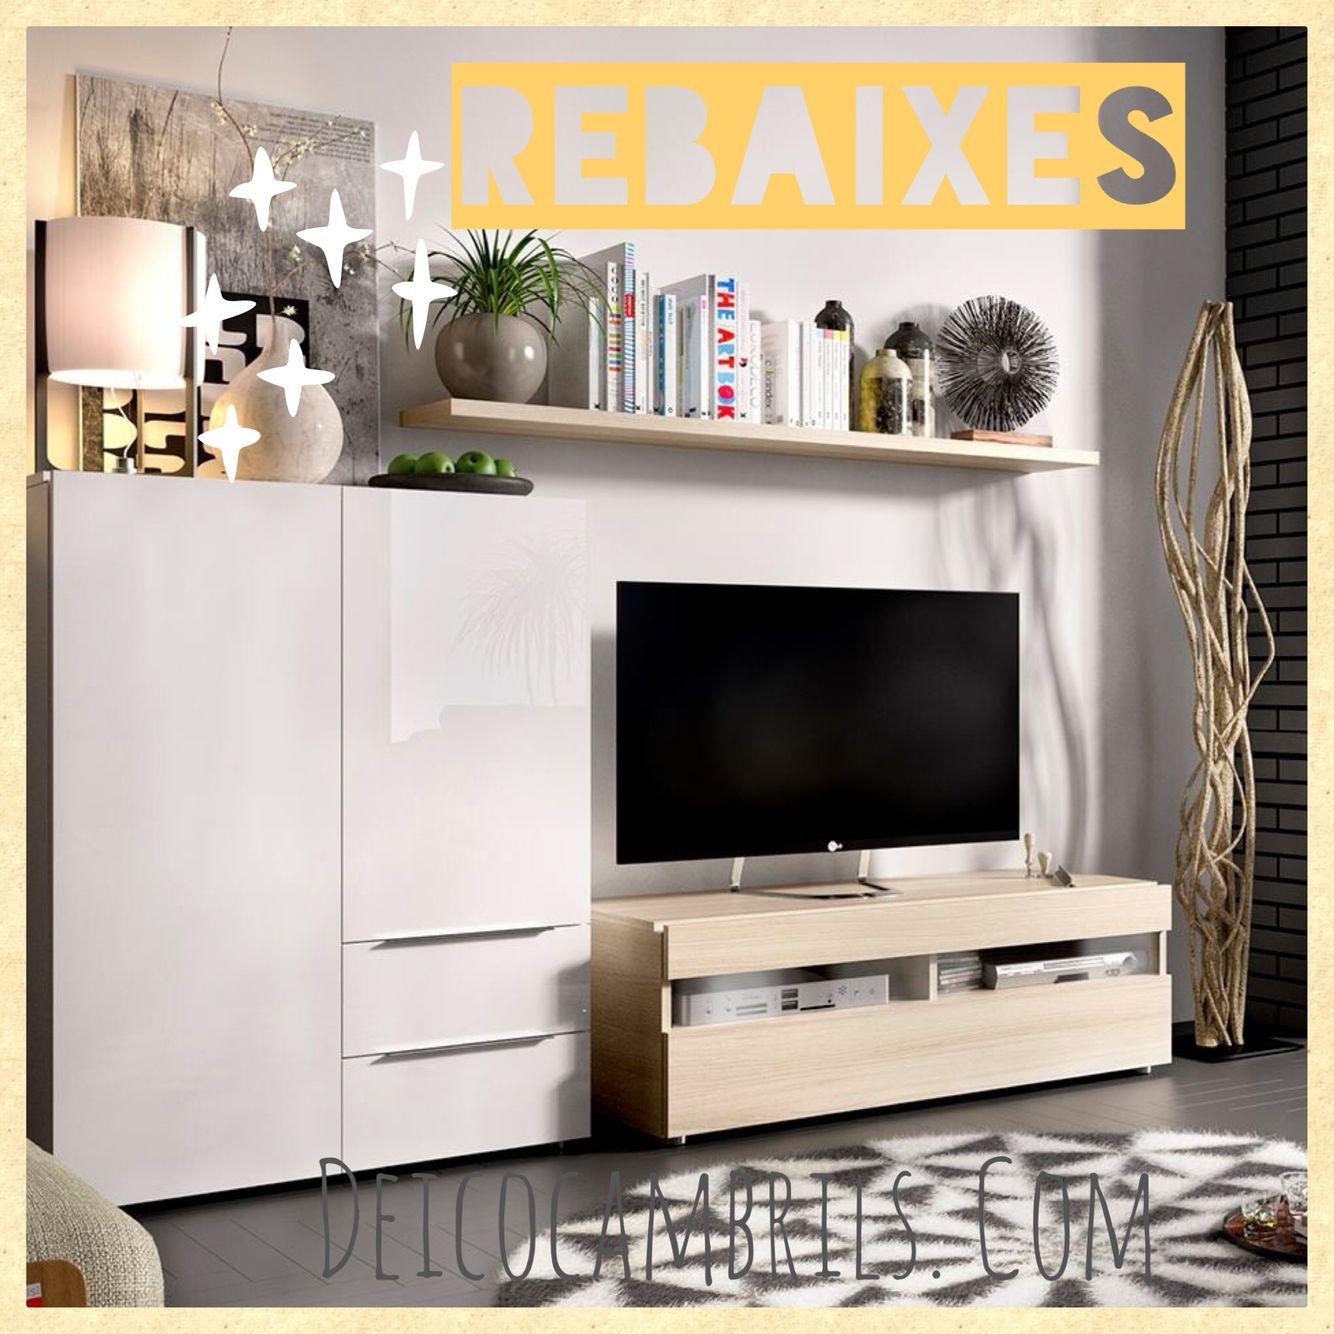 En Muebles Deico Cambrils Contin An Las Rebajas No Te Las  # Muebles Rebajas